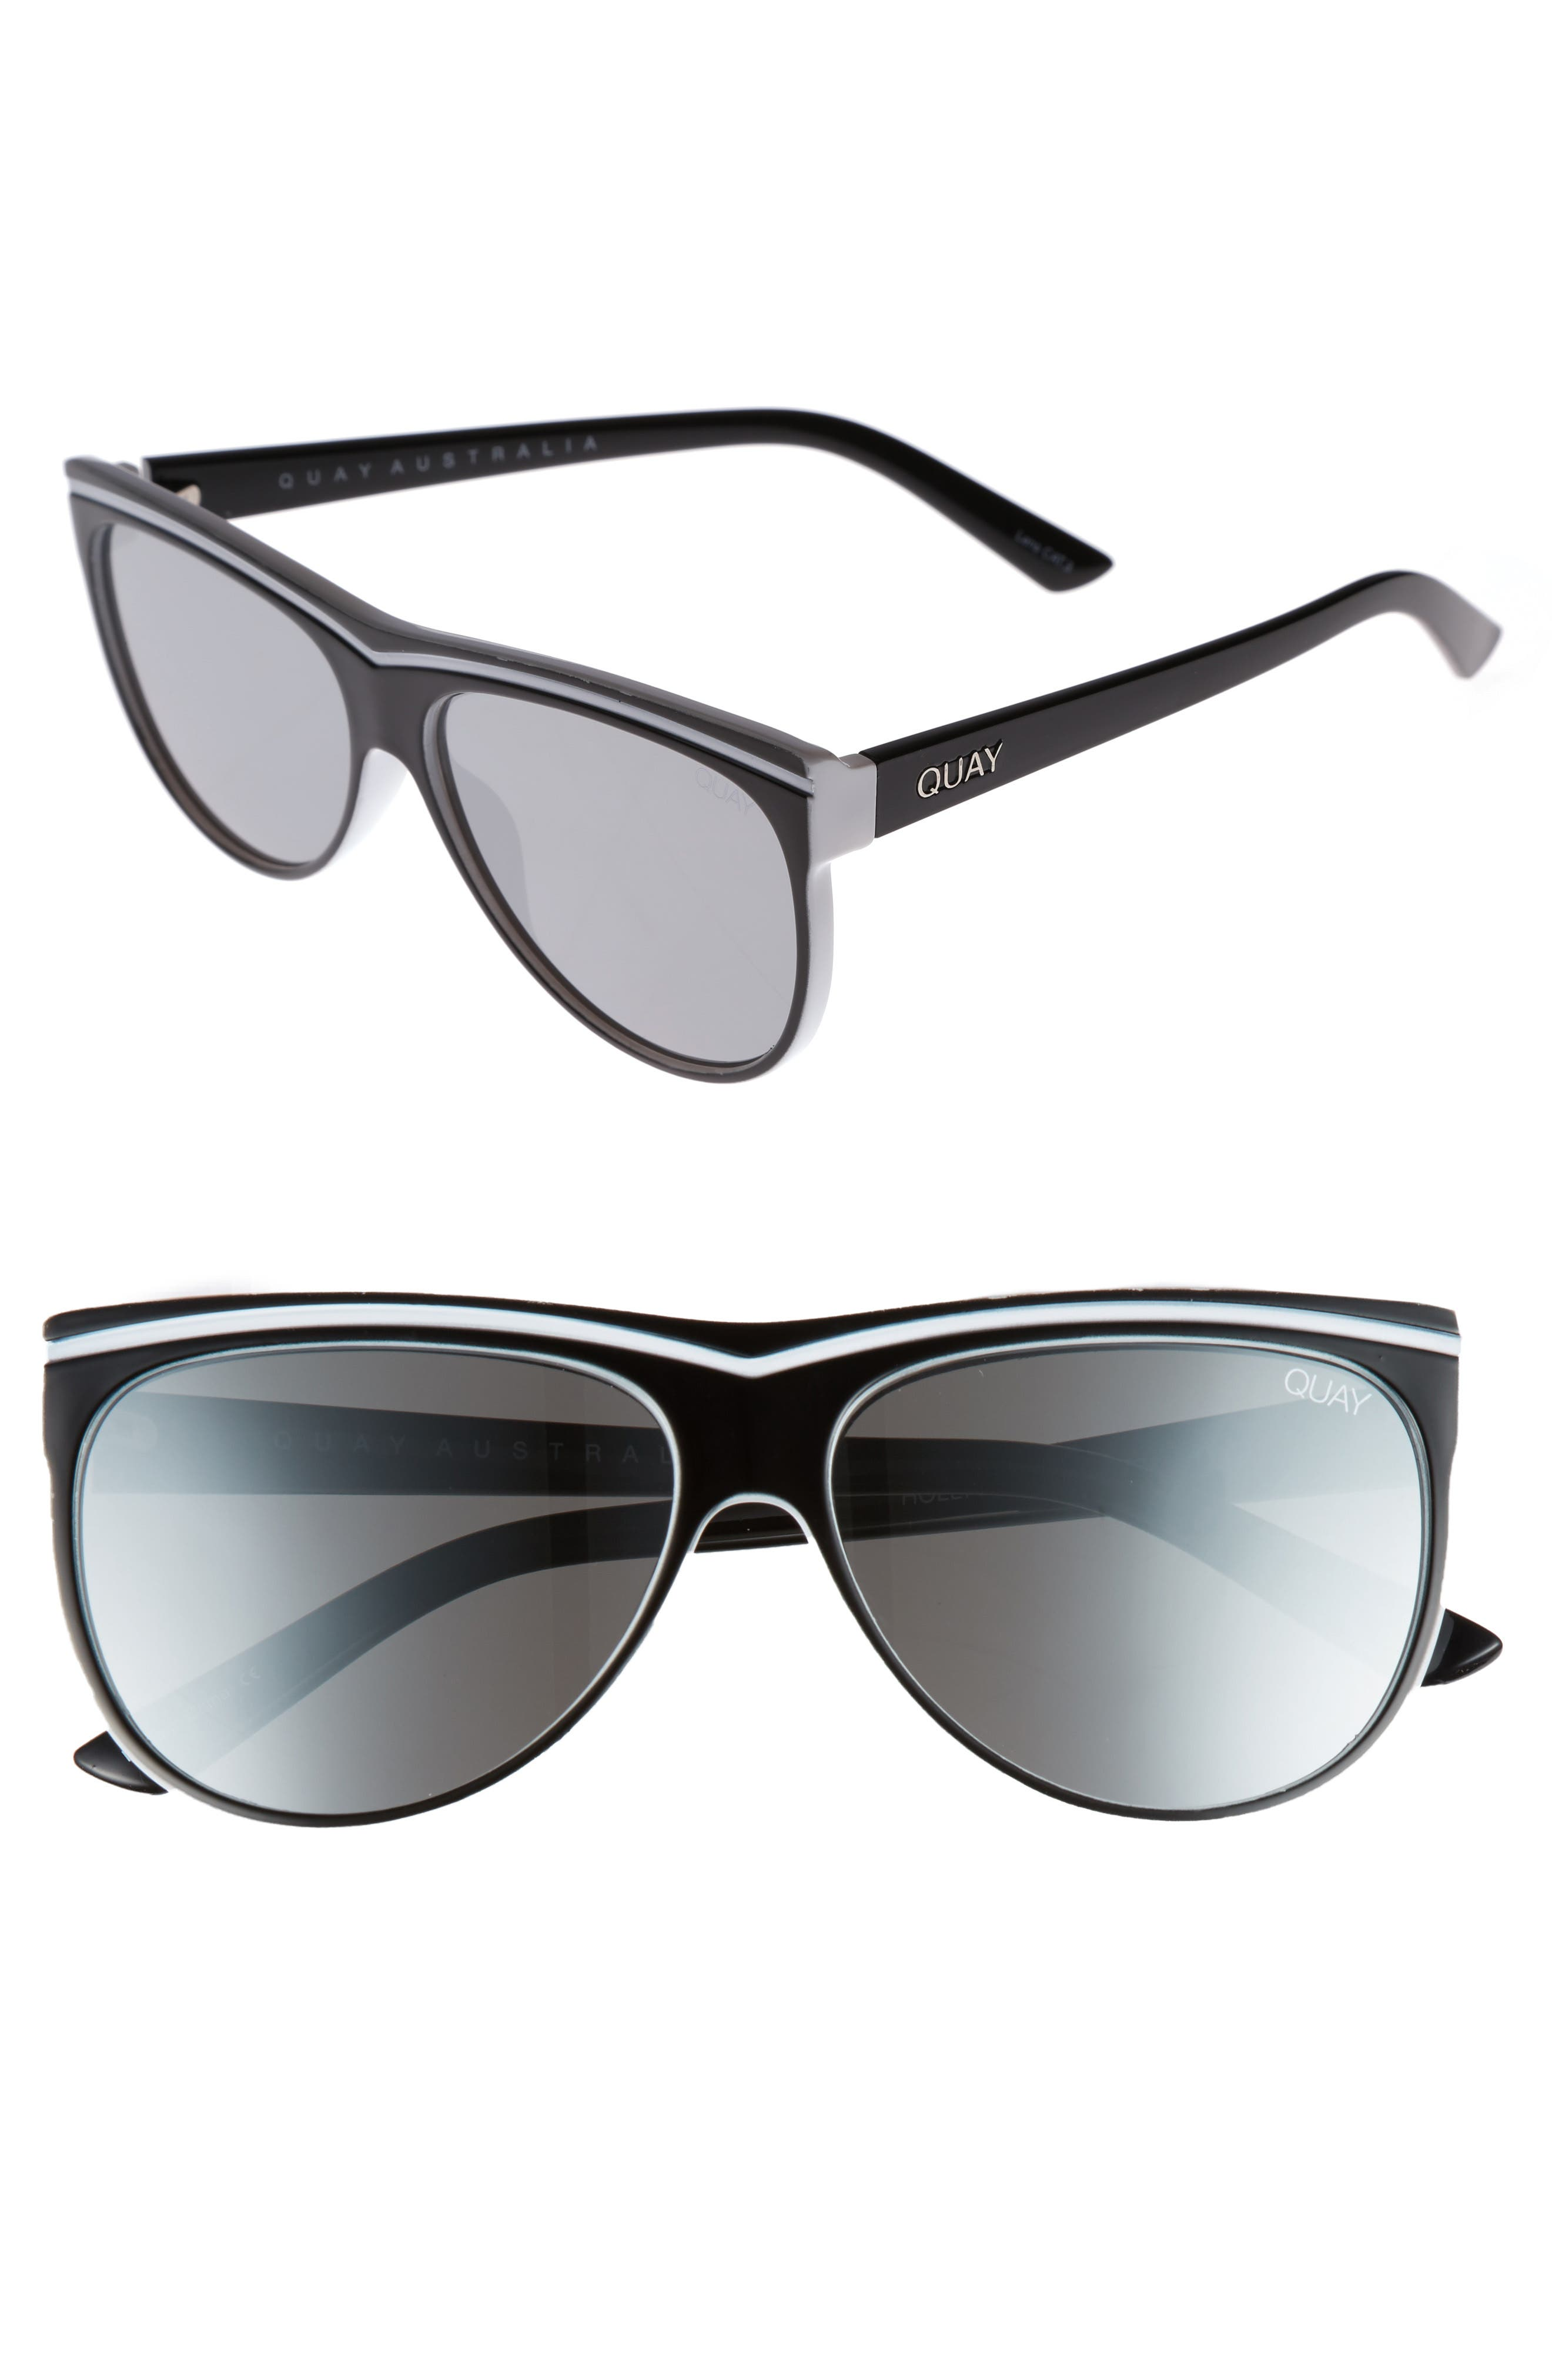 Hollywood Nights 62mm Sunglasses,                             Main thumbnail 1, color,